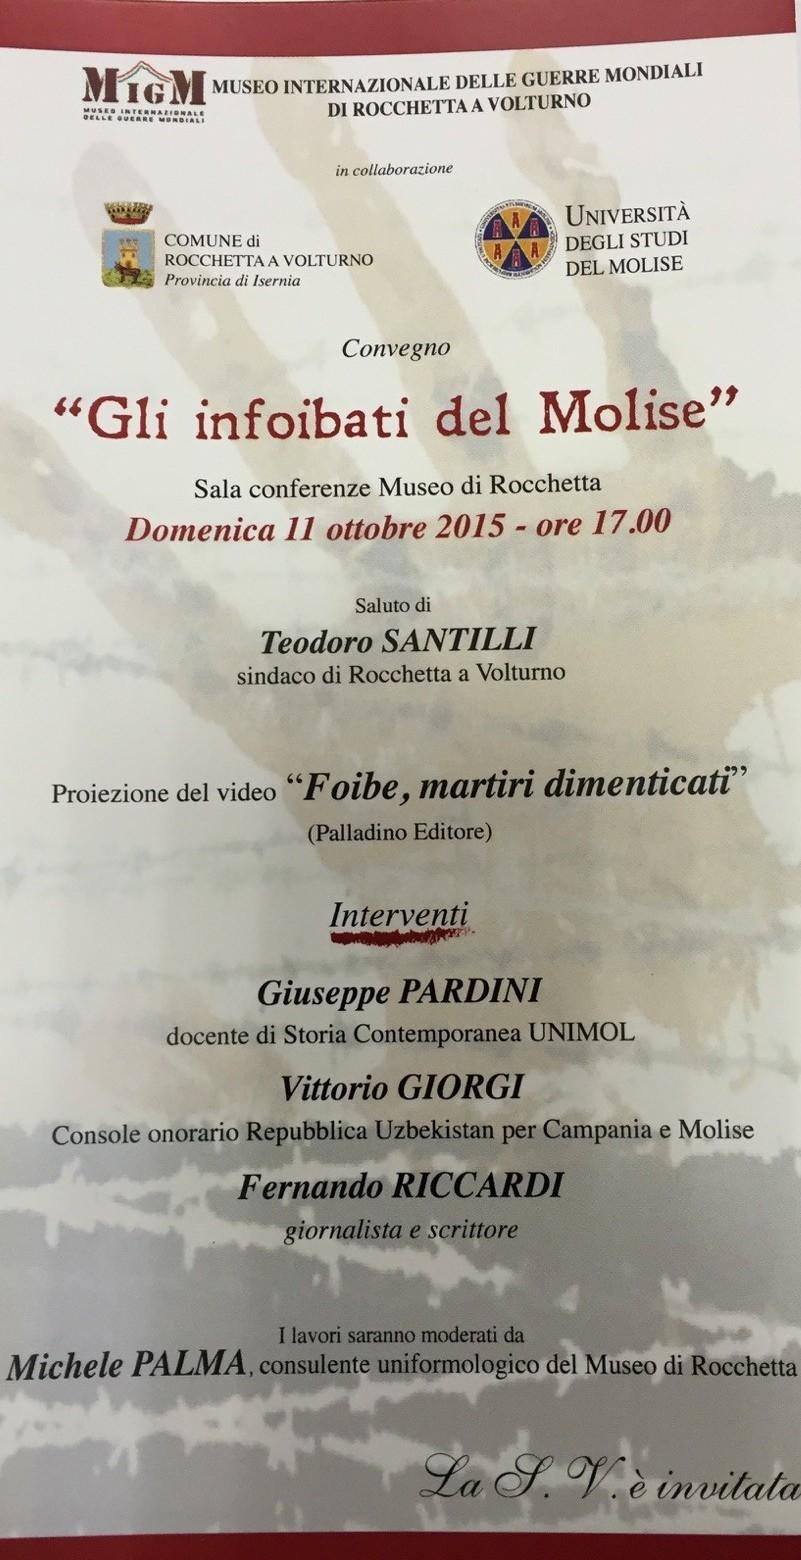 Convegno Rocchetta a Volturno domenica 13 ottobre 2015